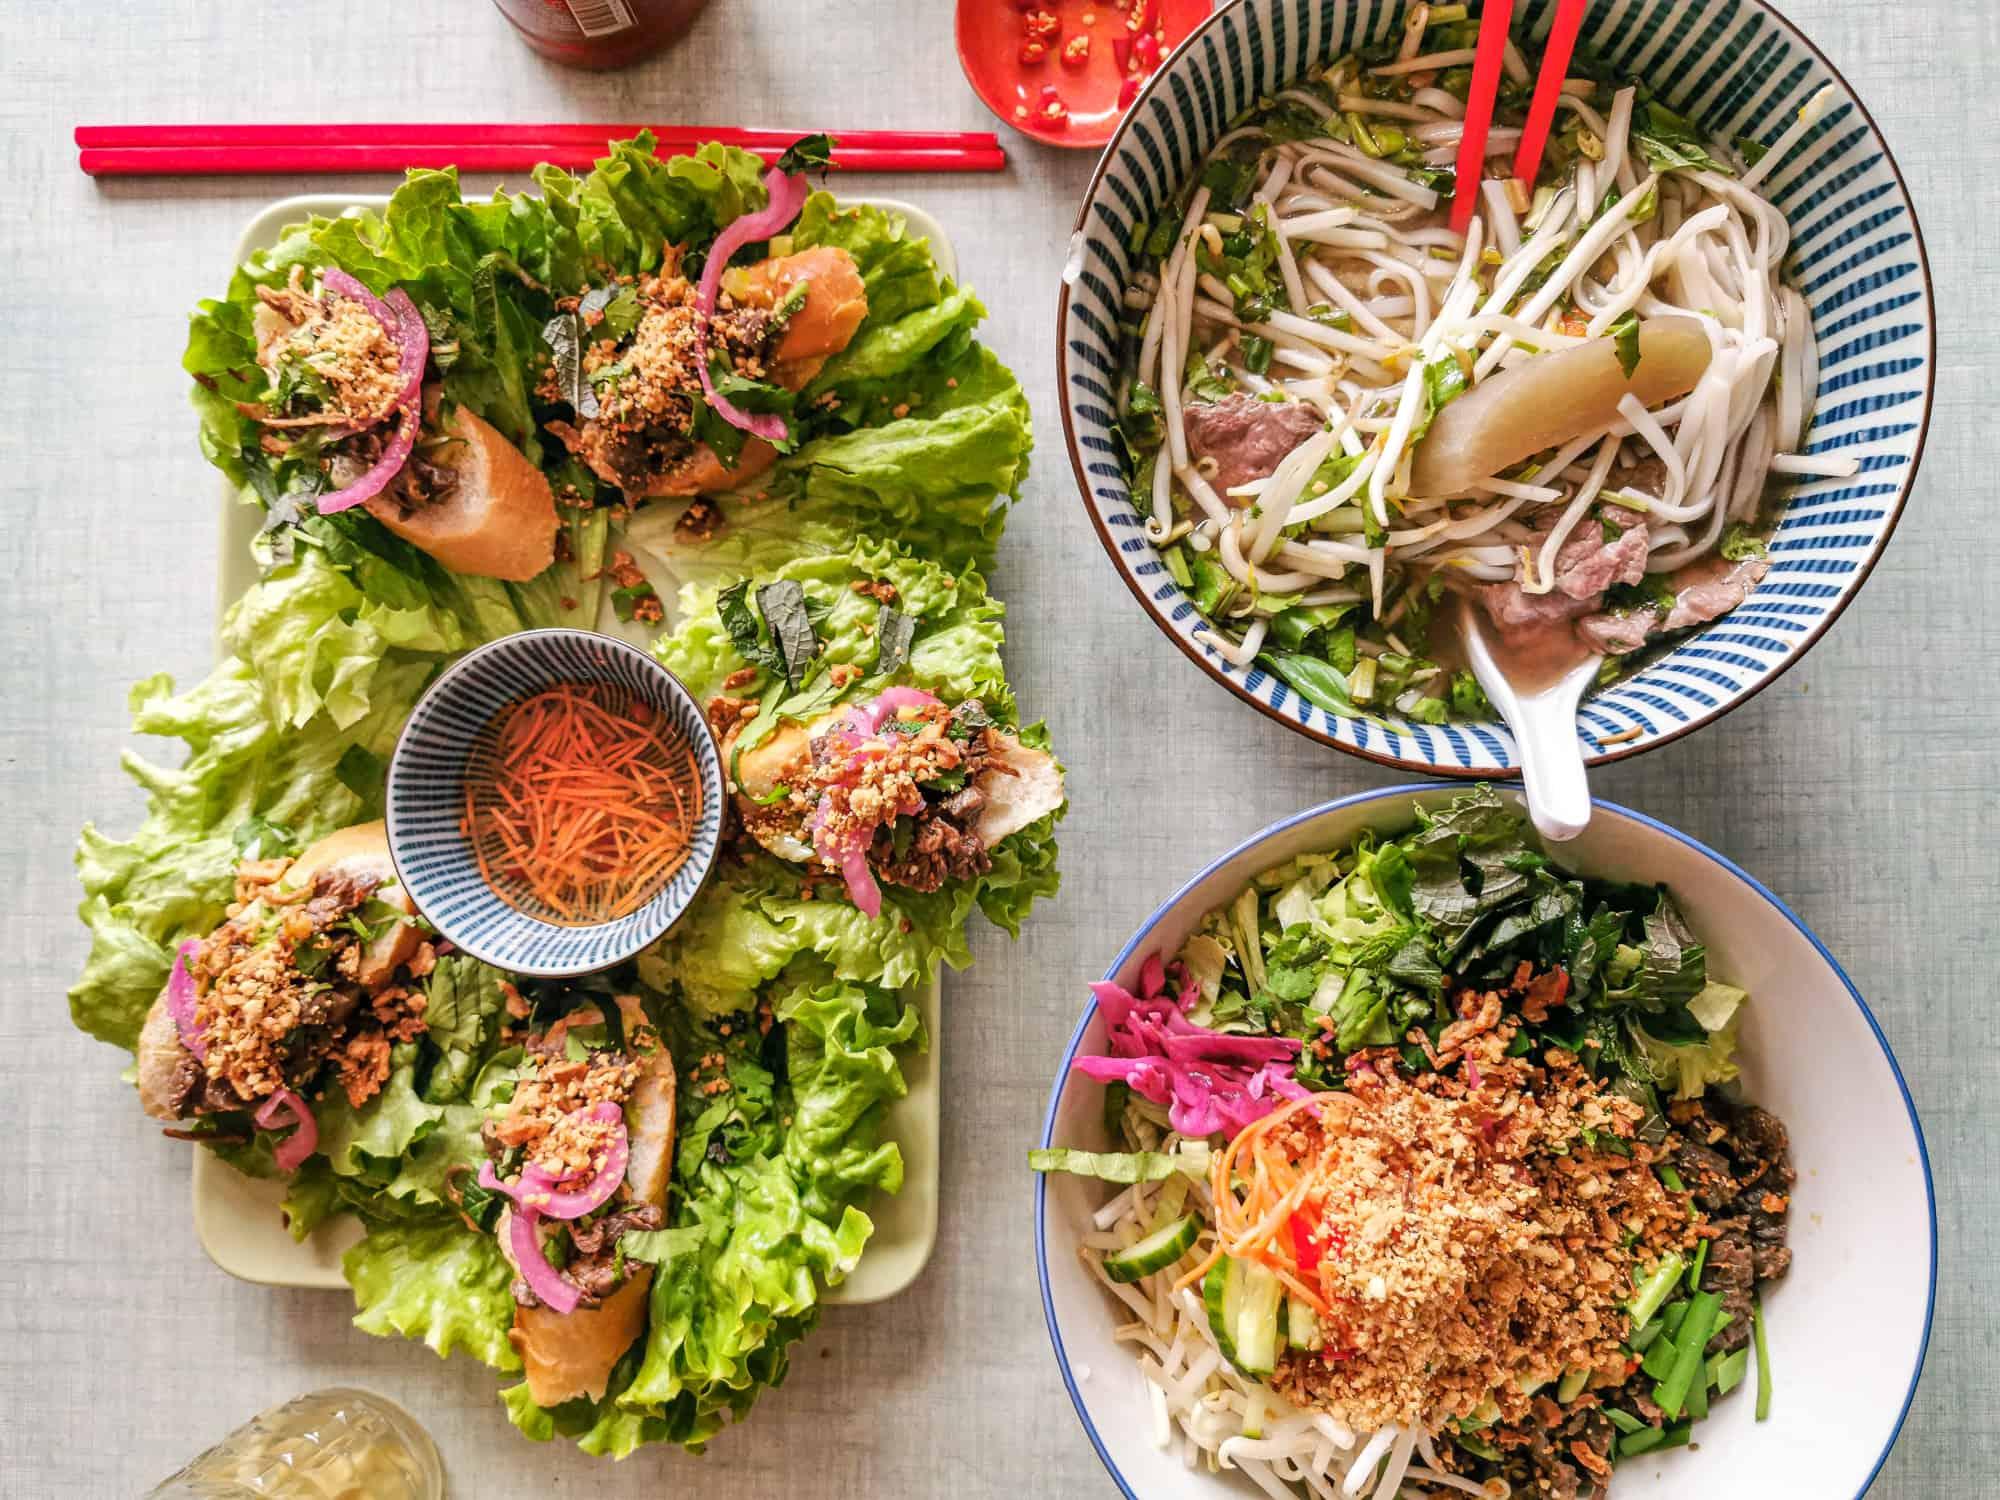 ca-phe-broc-ouest-restaurant-vietnamien-paris-14-bouiboui-21